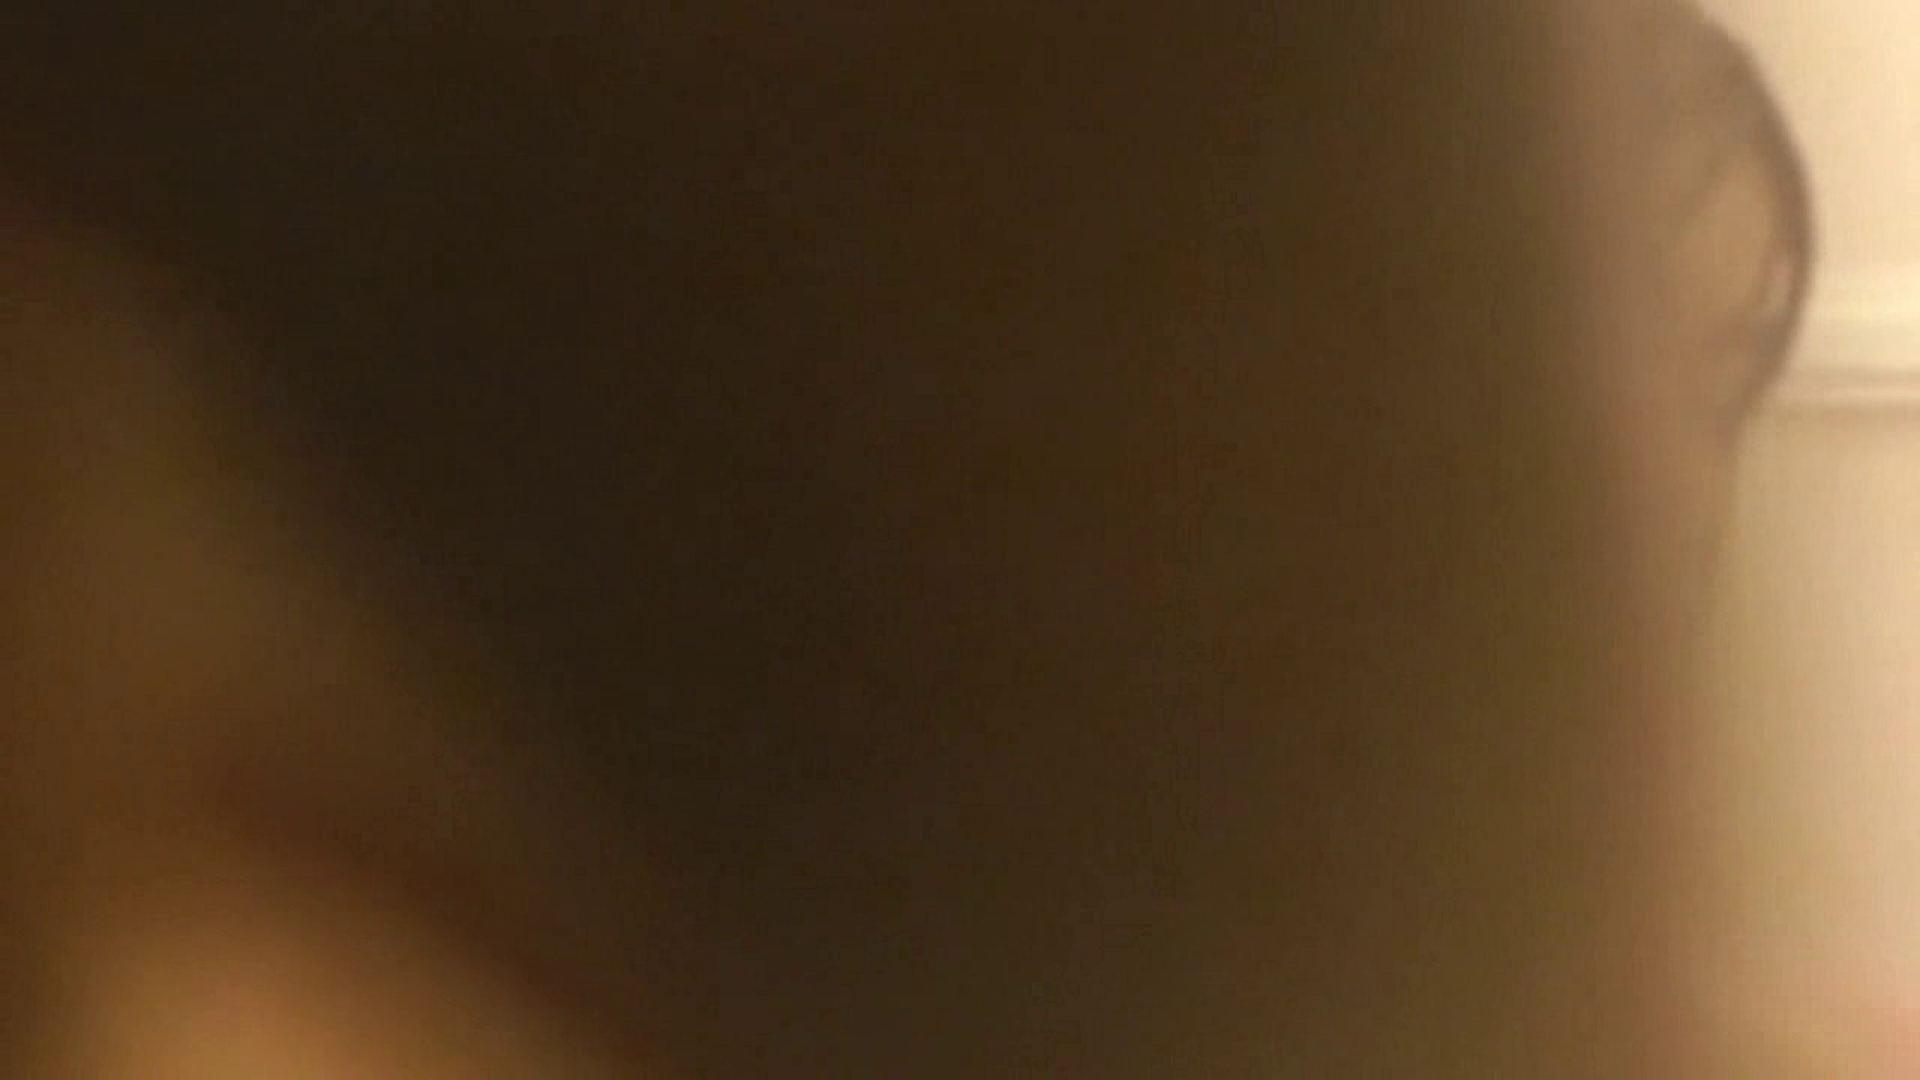 vol.1 Mayumi 窓越しに入浴シーン撮影に成功 入浴 おまんこ動画流出 60連発 29